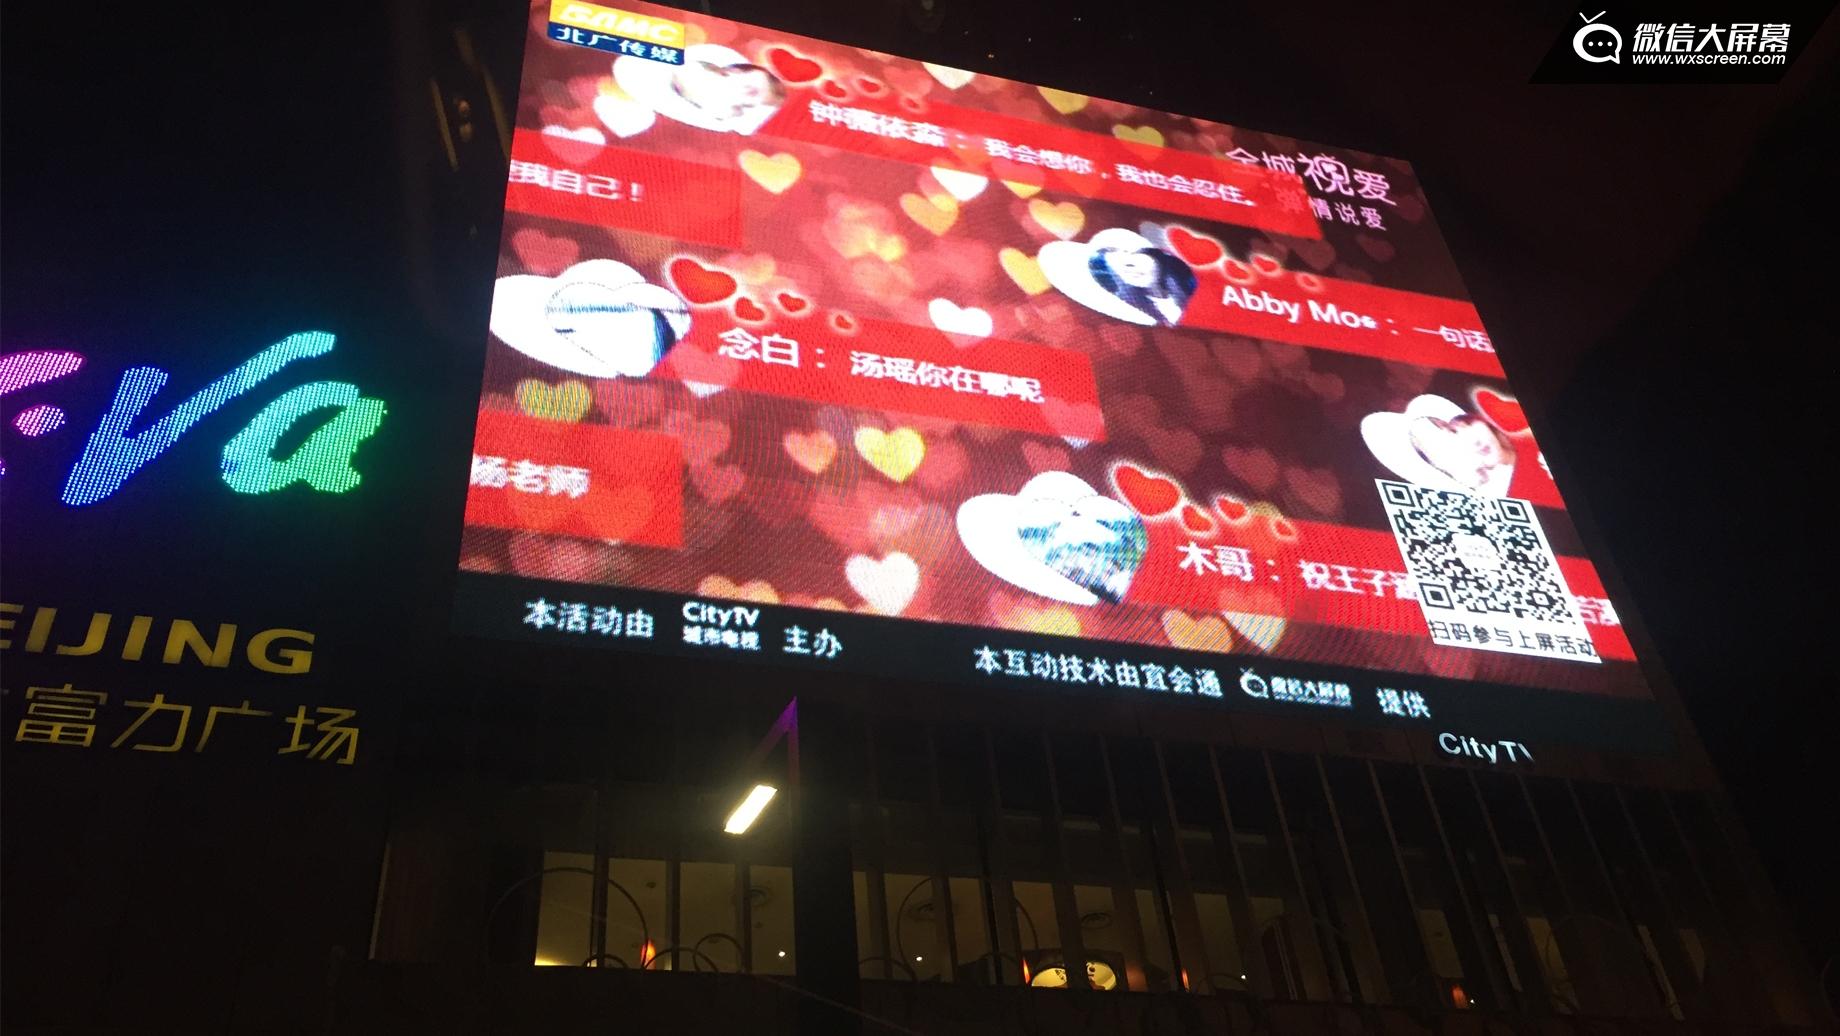 """情人节双屏互动 趣现场-微信大屏幕携手北广传媒""""弹""""情说爱"""